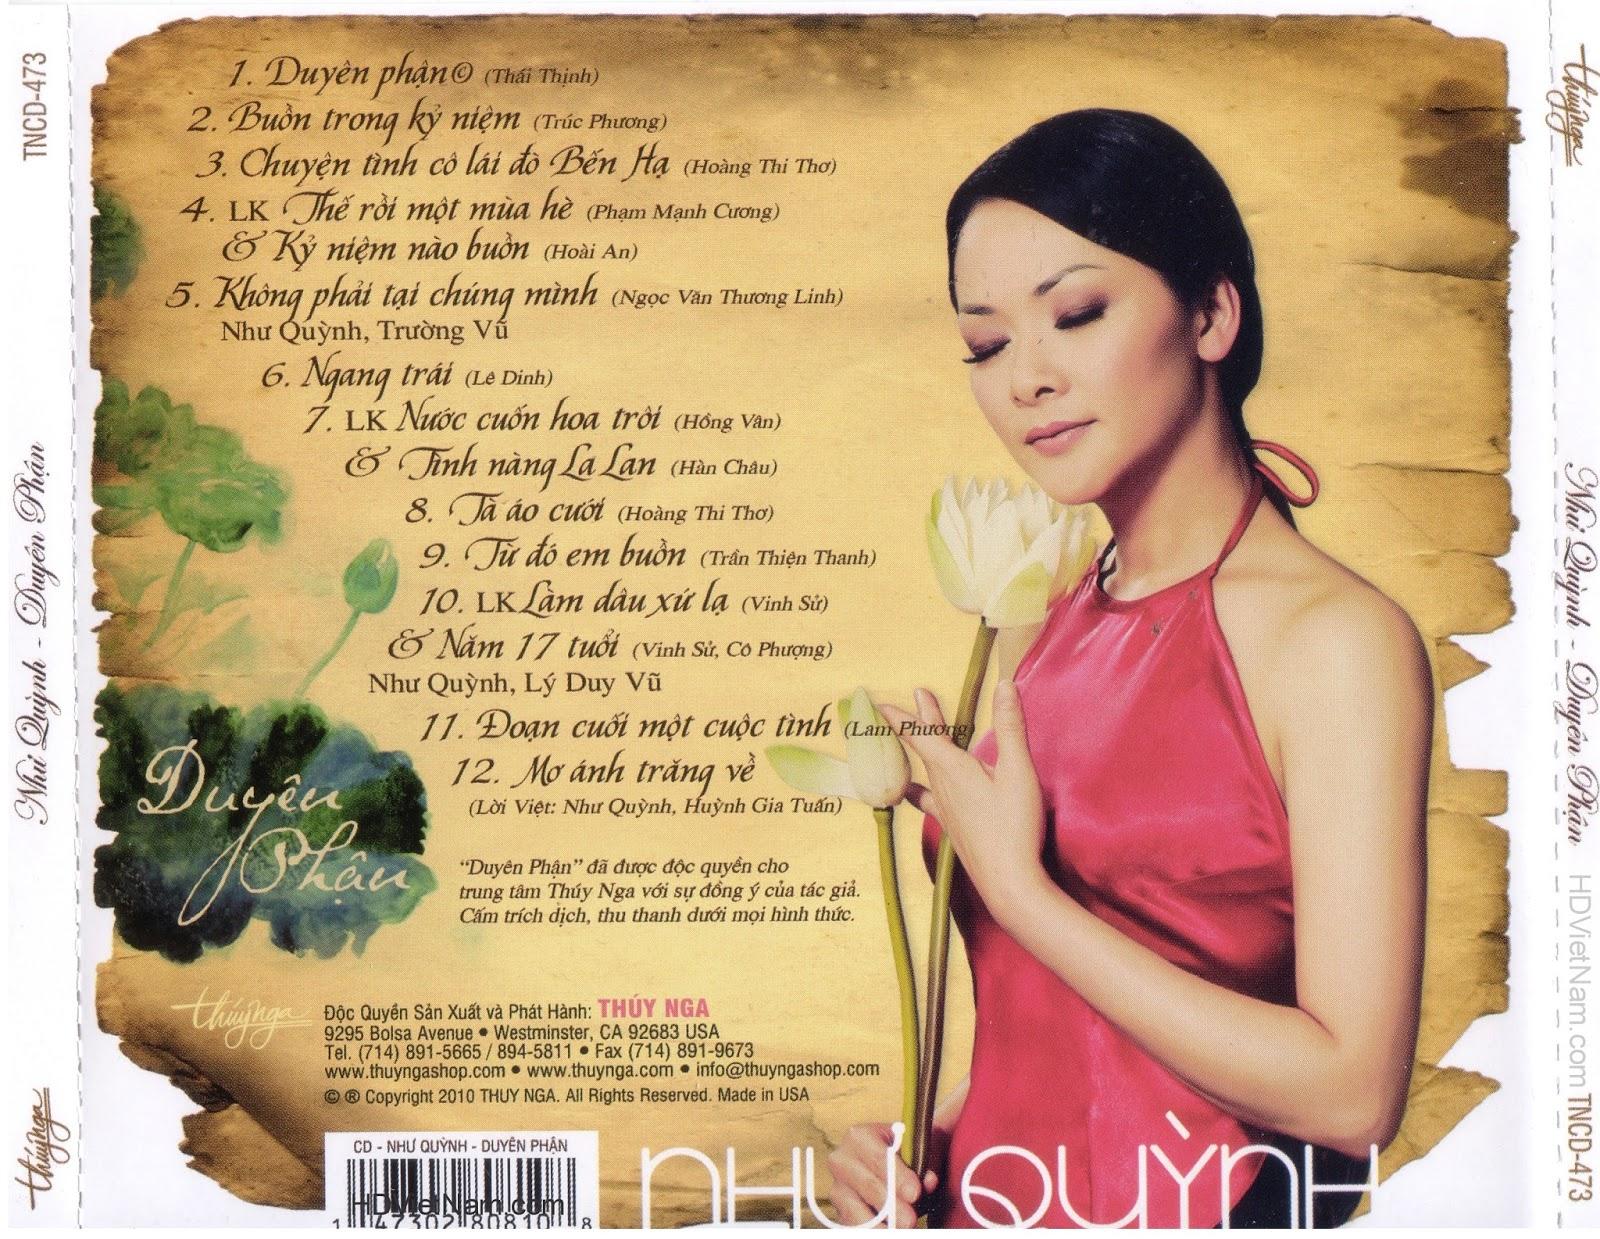 Chia sẻ nhạc Lossless & Lossy: TNCD 473: Như Quỳnh - Duyên